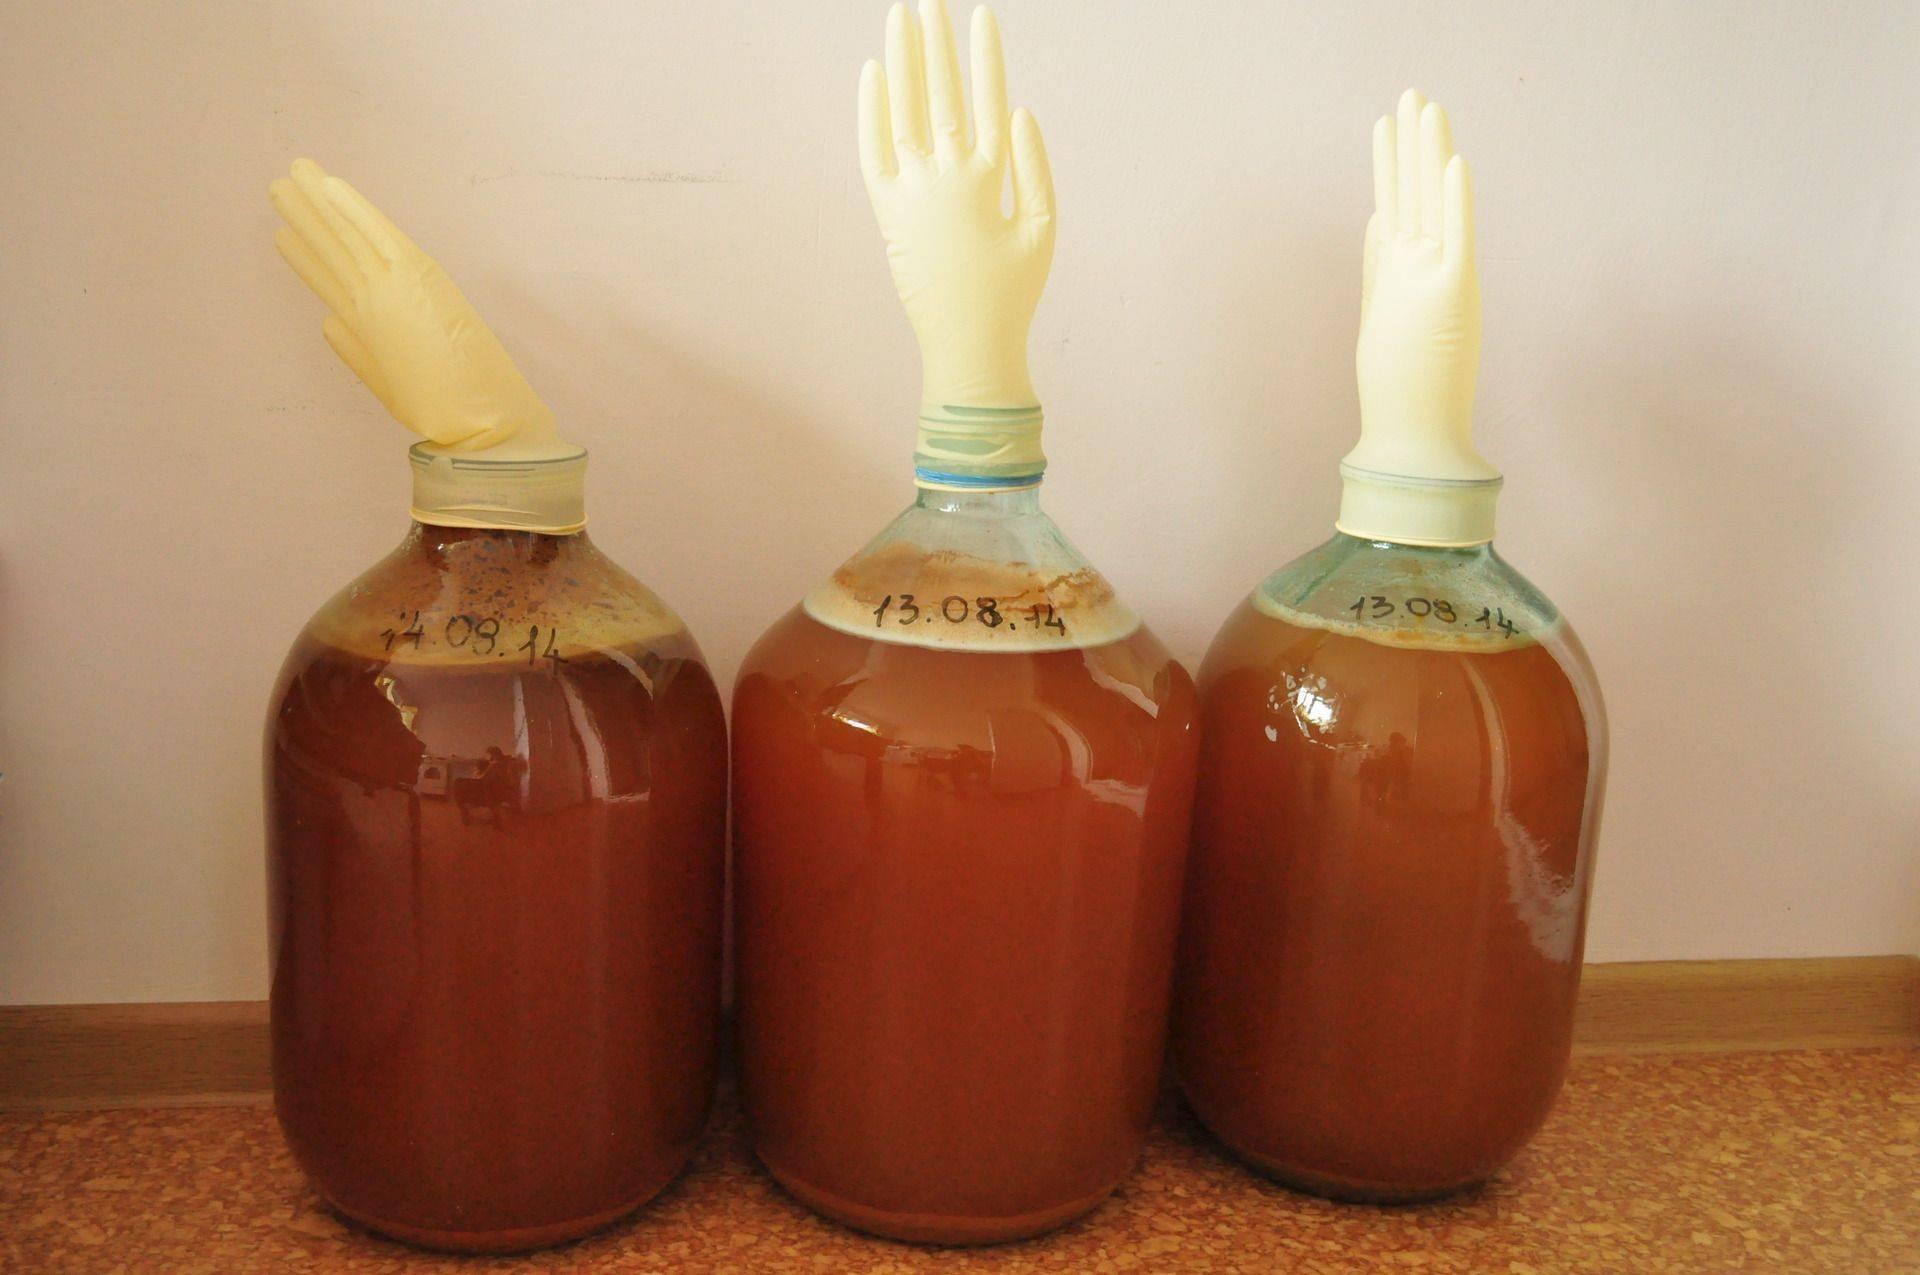 Вино из яблок в домашних условиях: простые и оригинальные рецепты домашнего вина из яблок – фото и видео